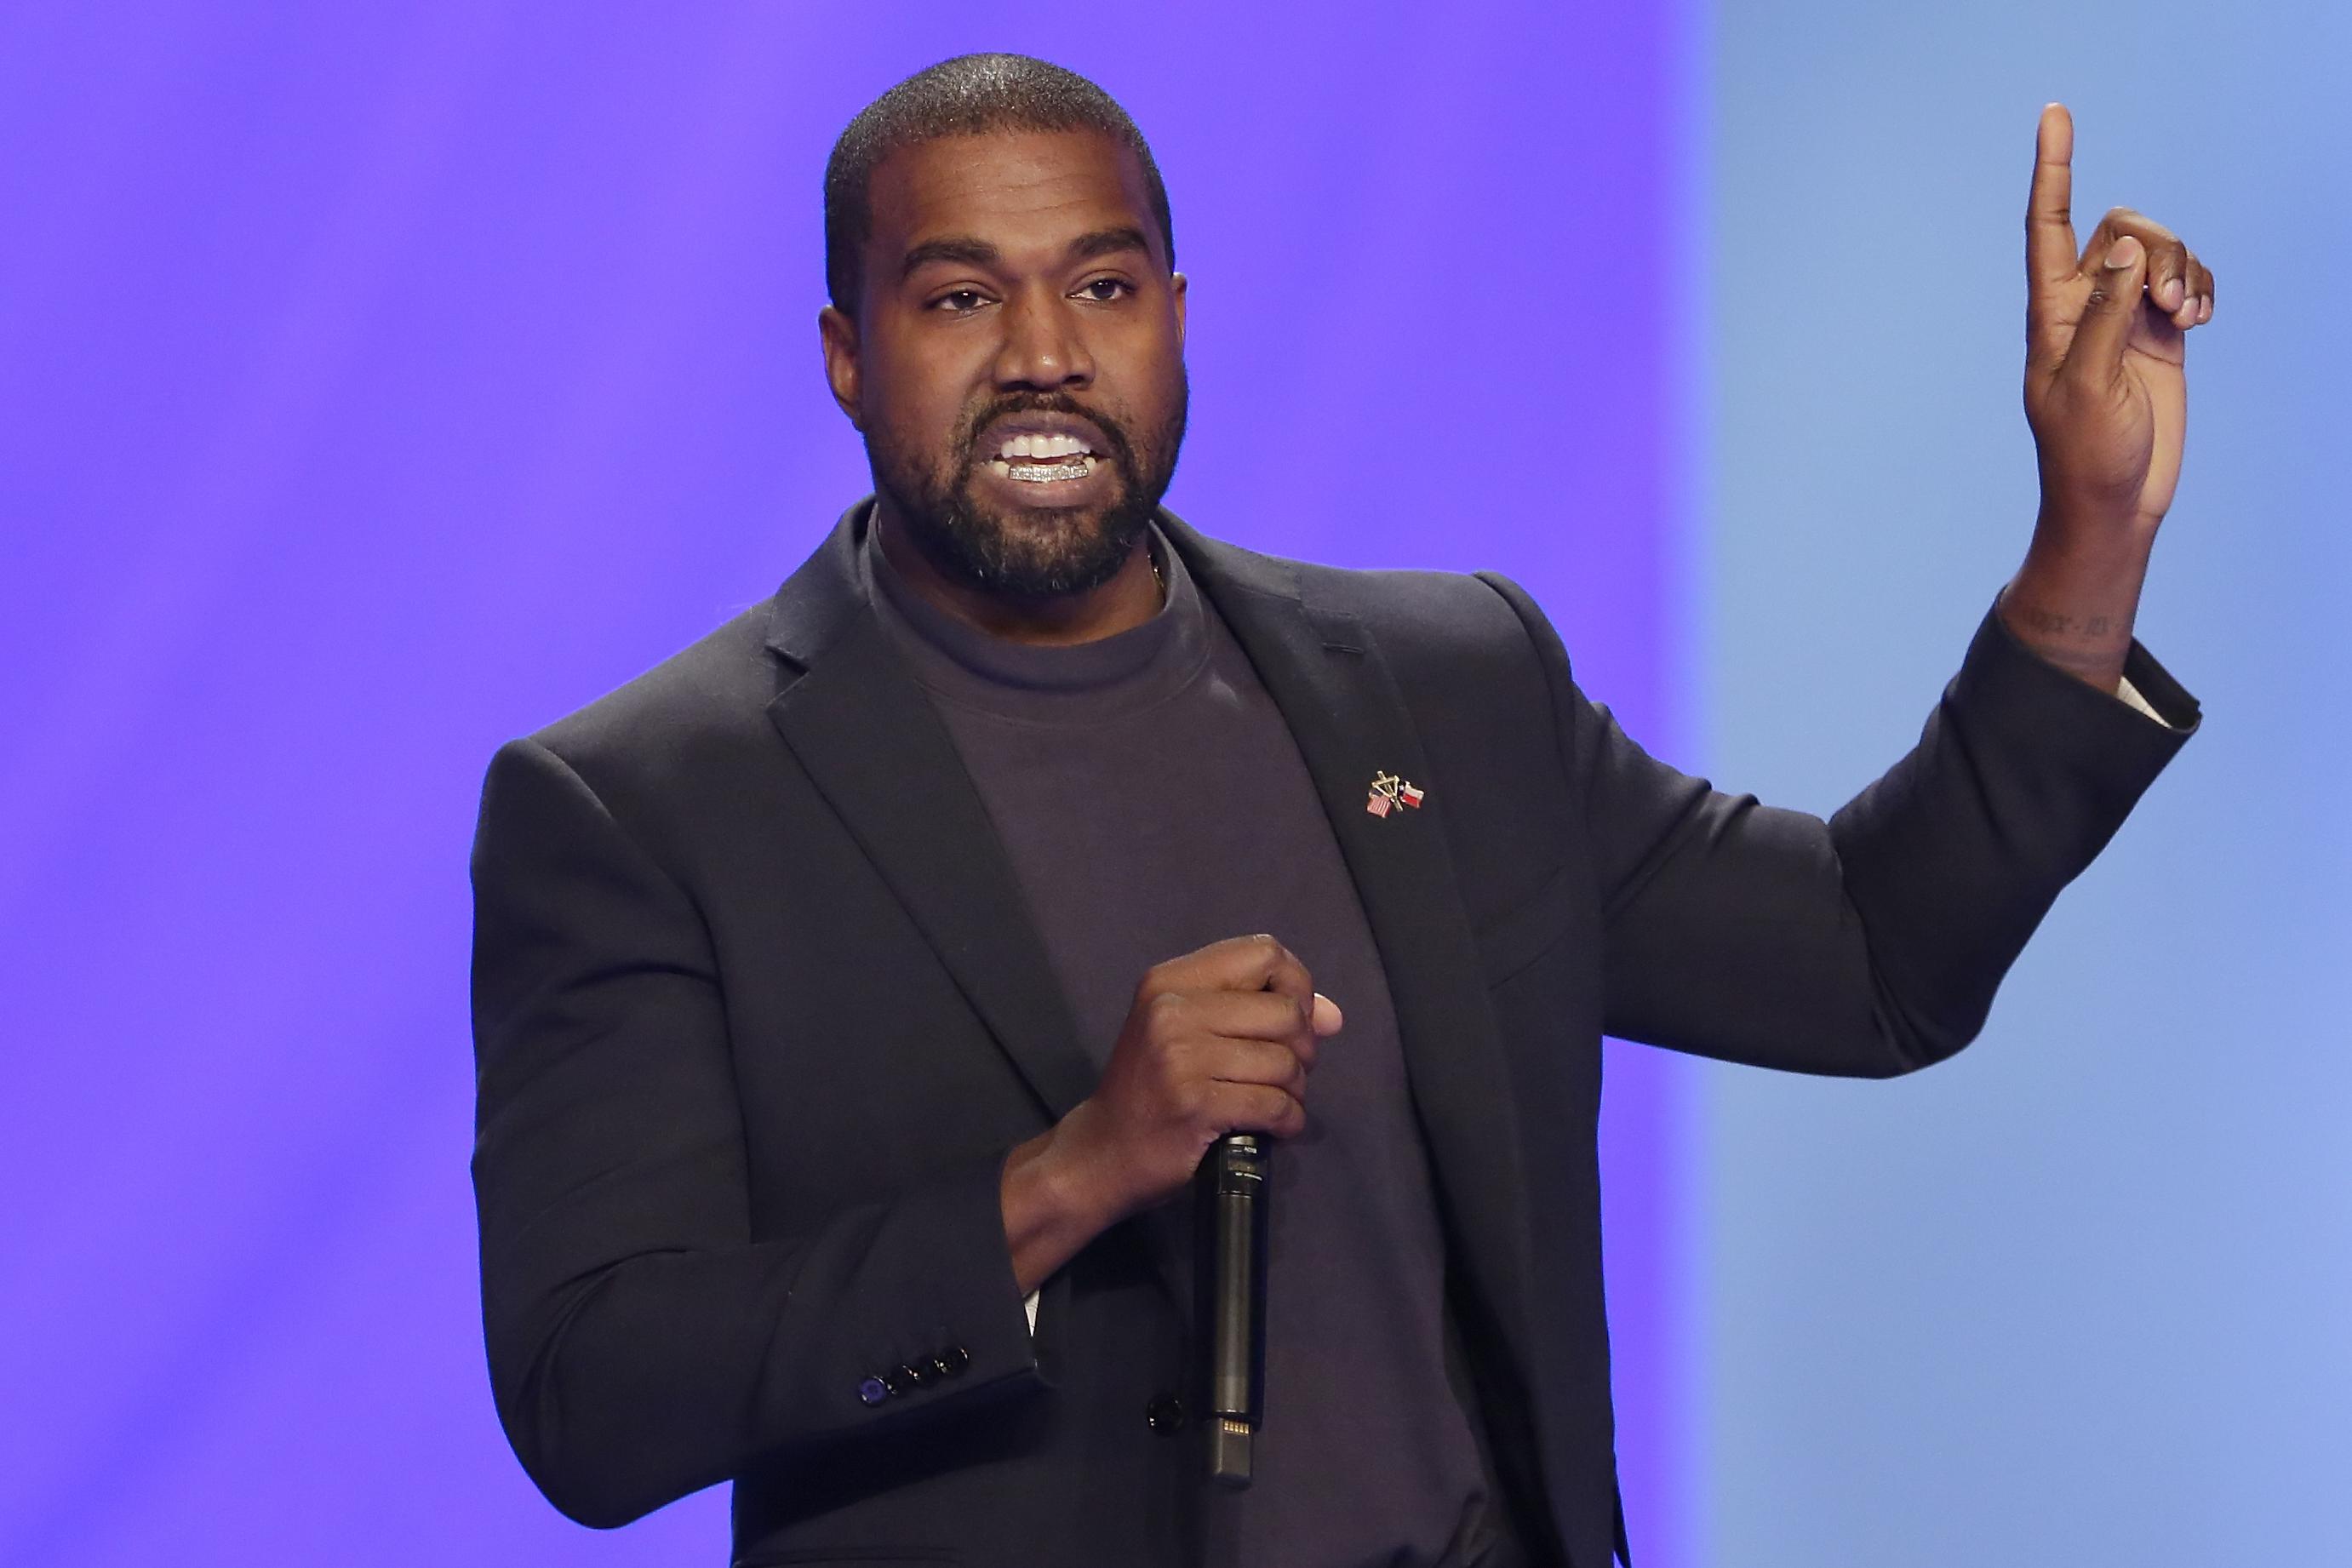 Un representante de Kanye West afirma que el rapero abandona la carrera  presidencial de EE UU   Gente   EL PAÍS